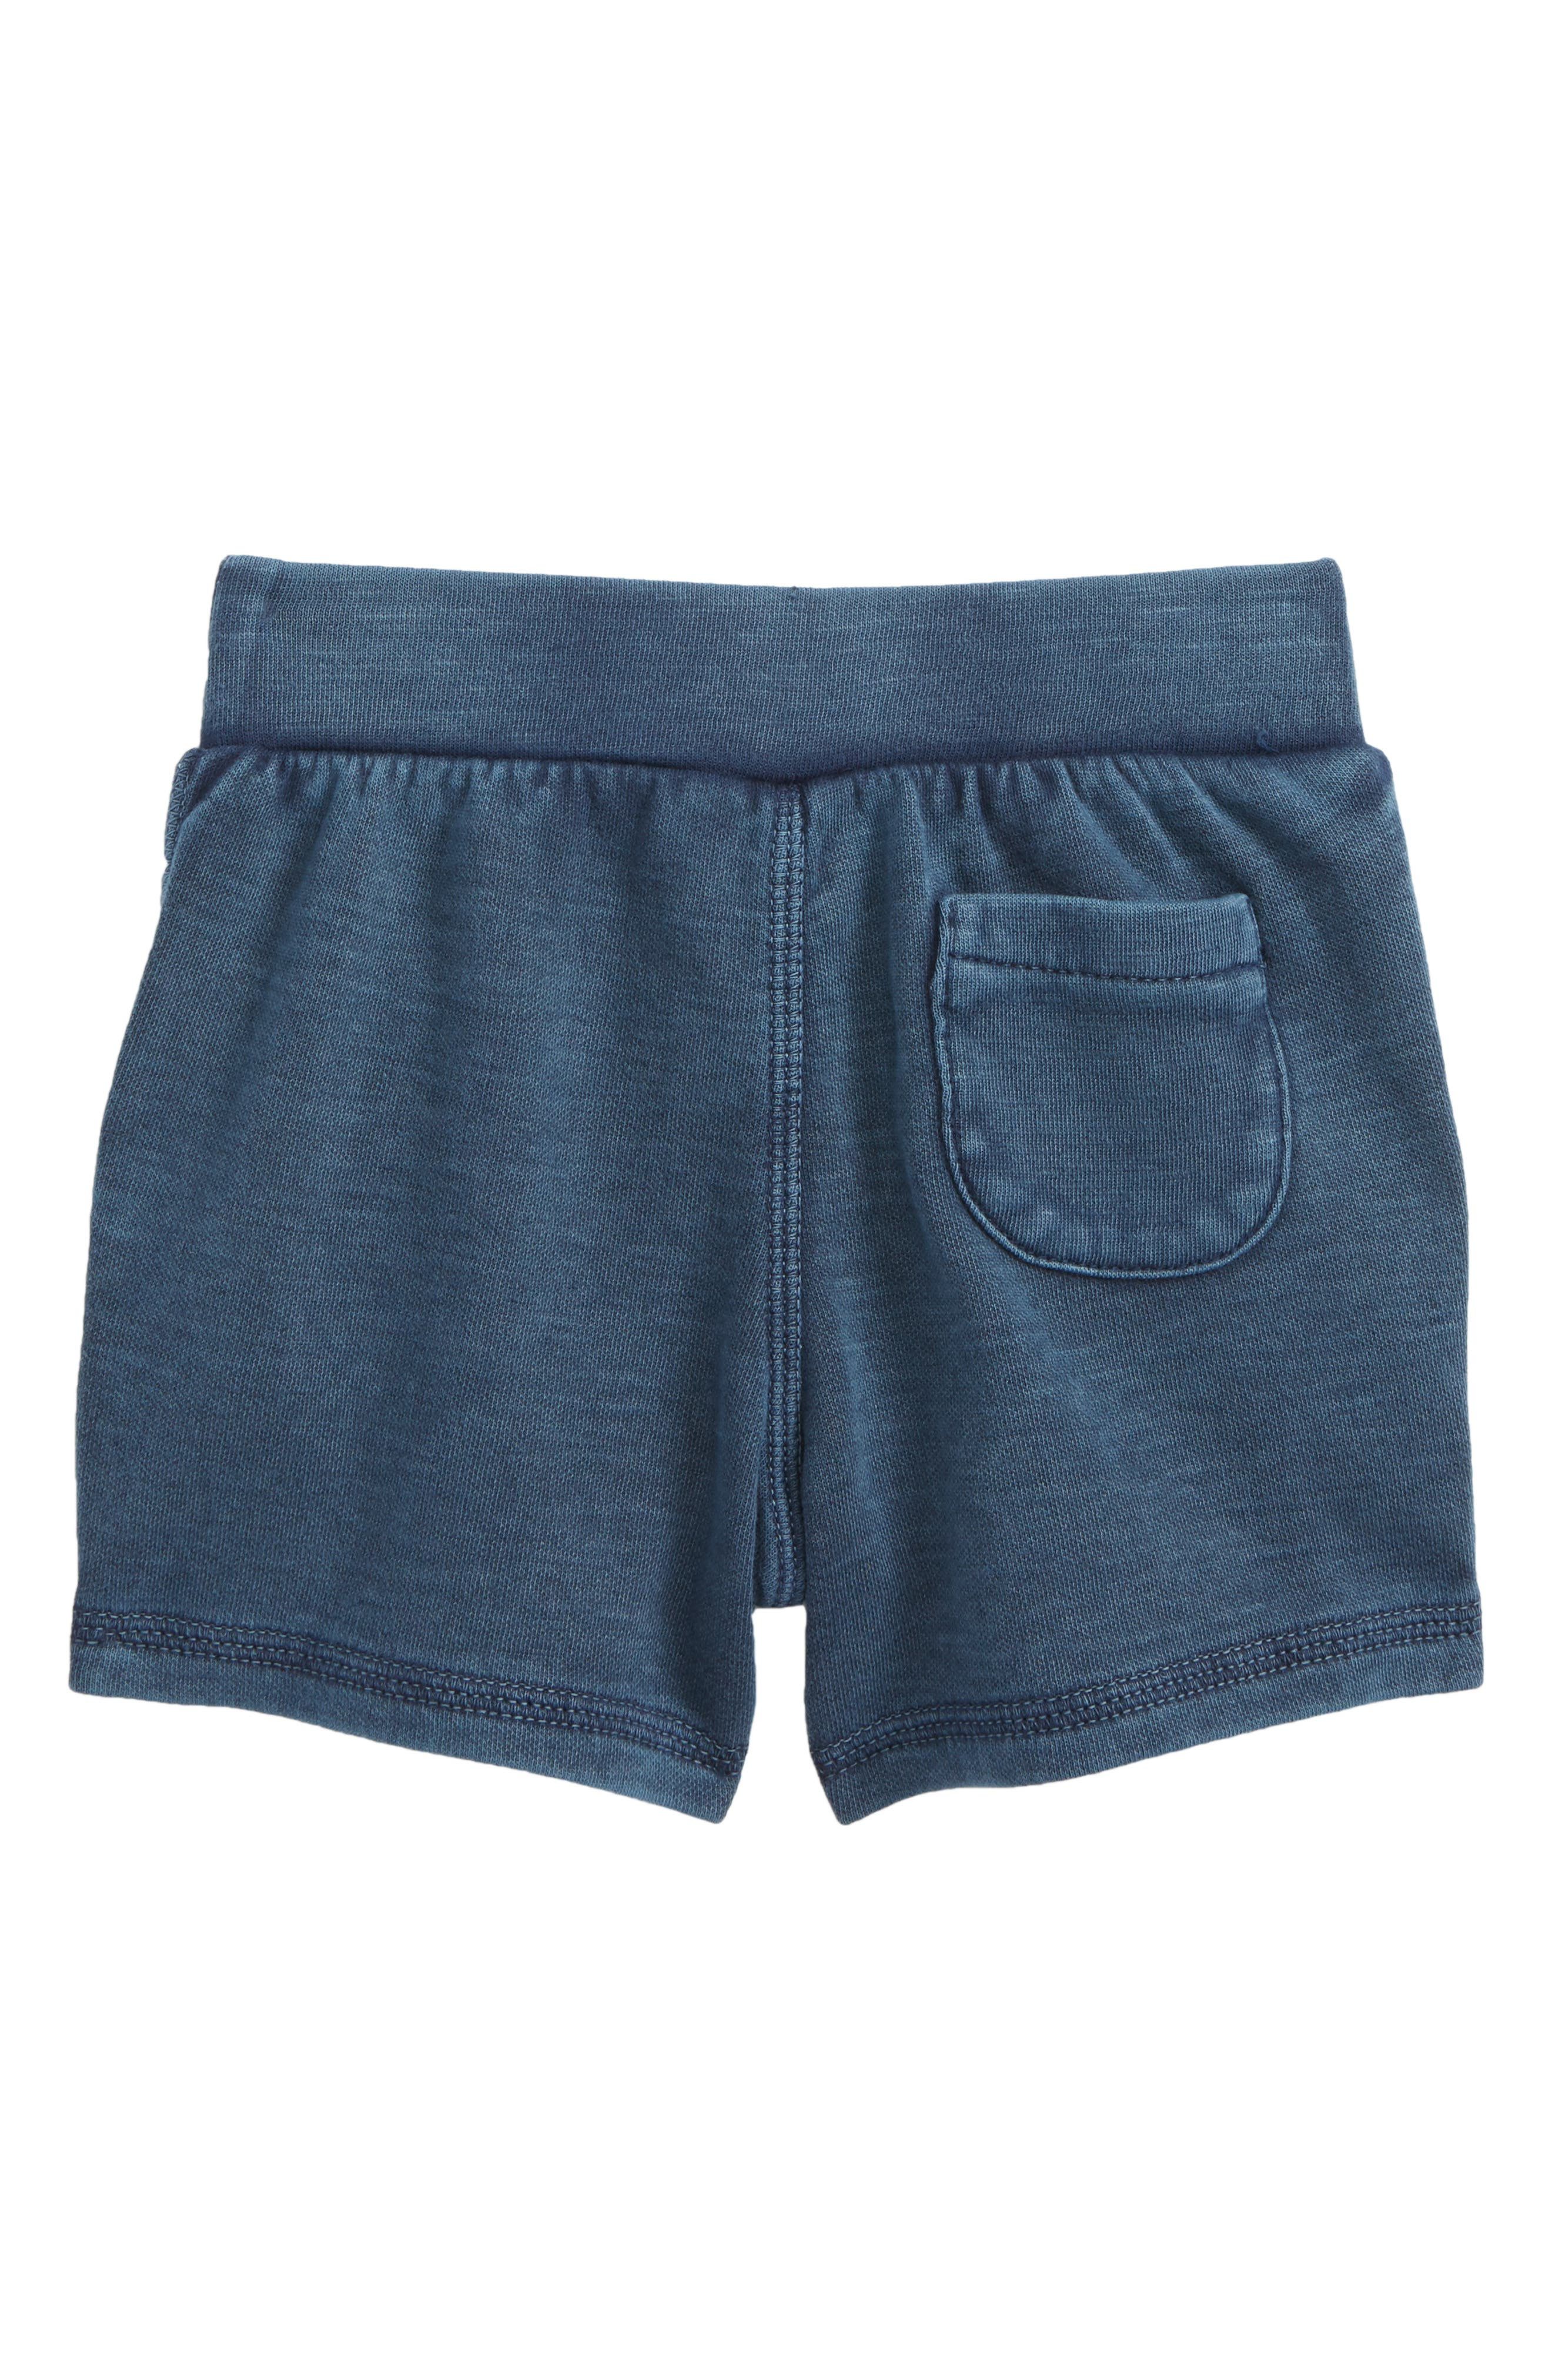 Knit Shorts,                             Alternate thumbnail 2, color,                             410